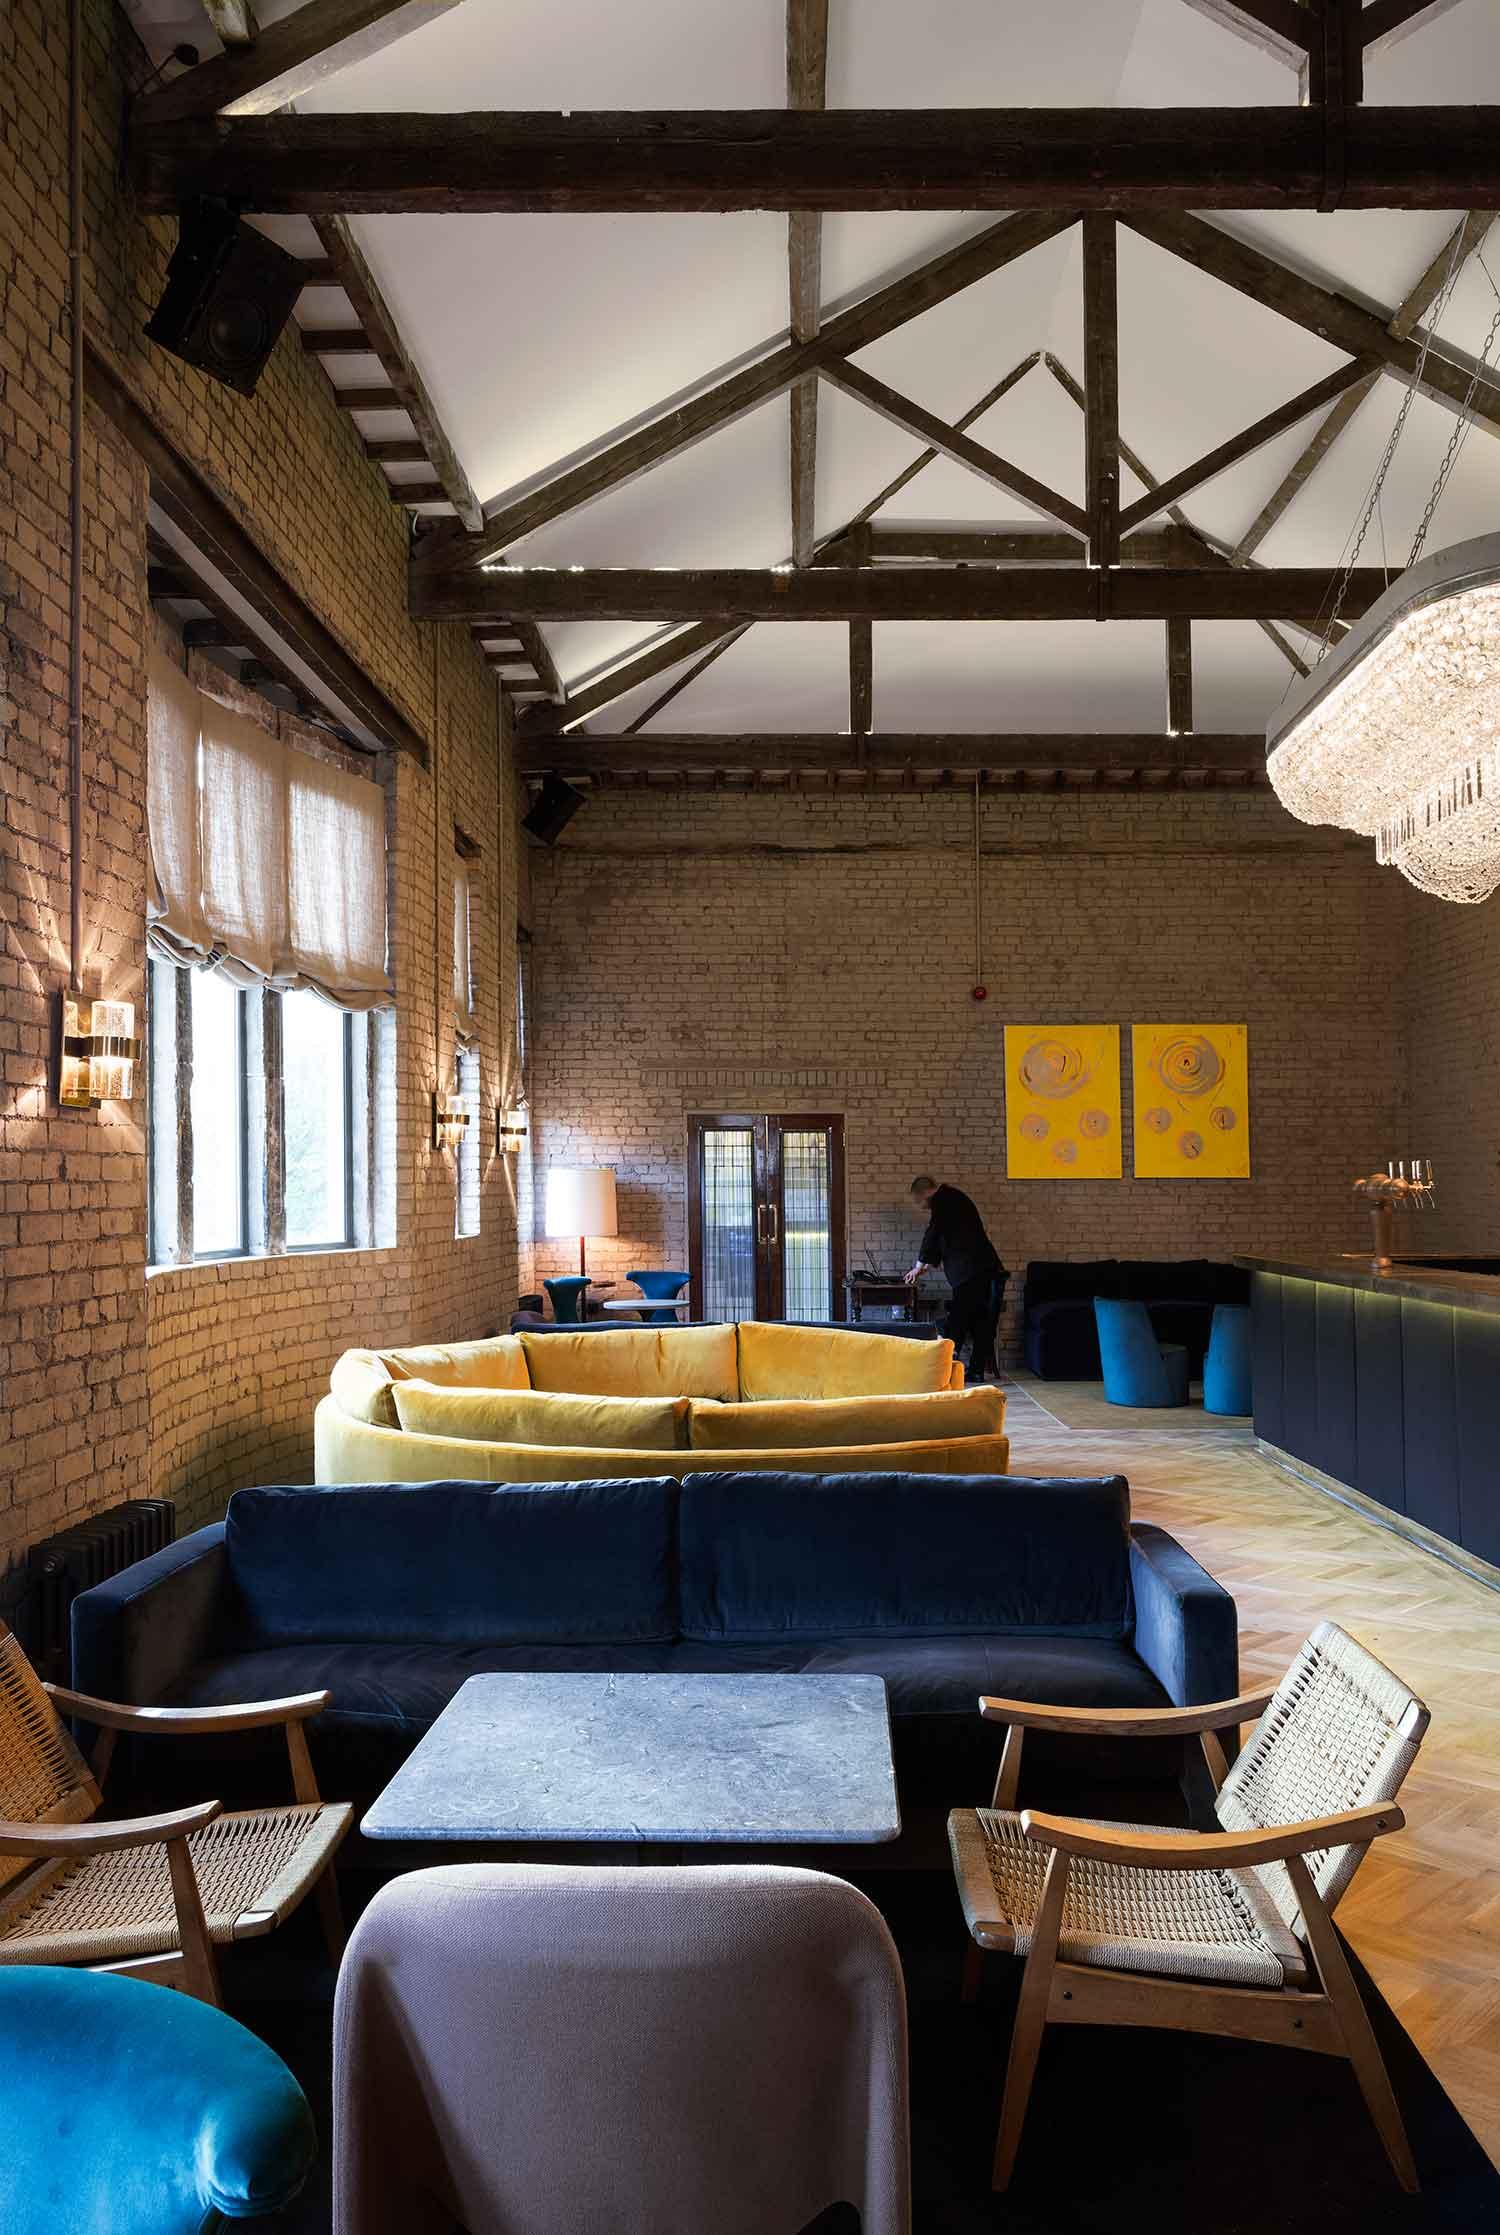 Olympic Studios Members Bar by Simone McEwan   Yellowtrace